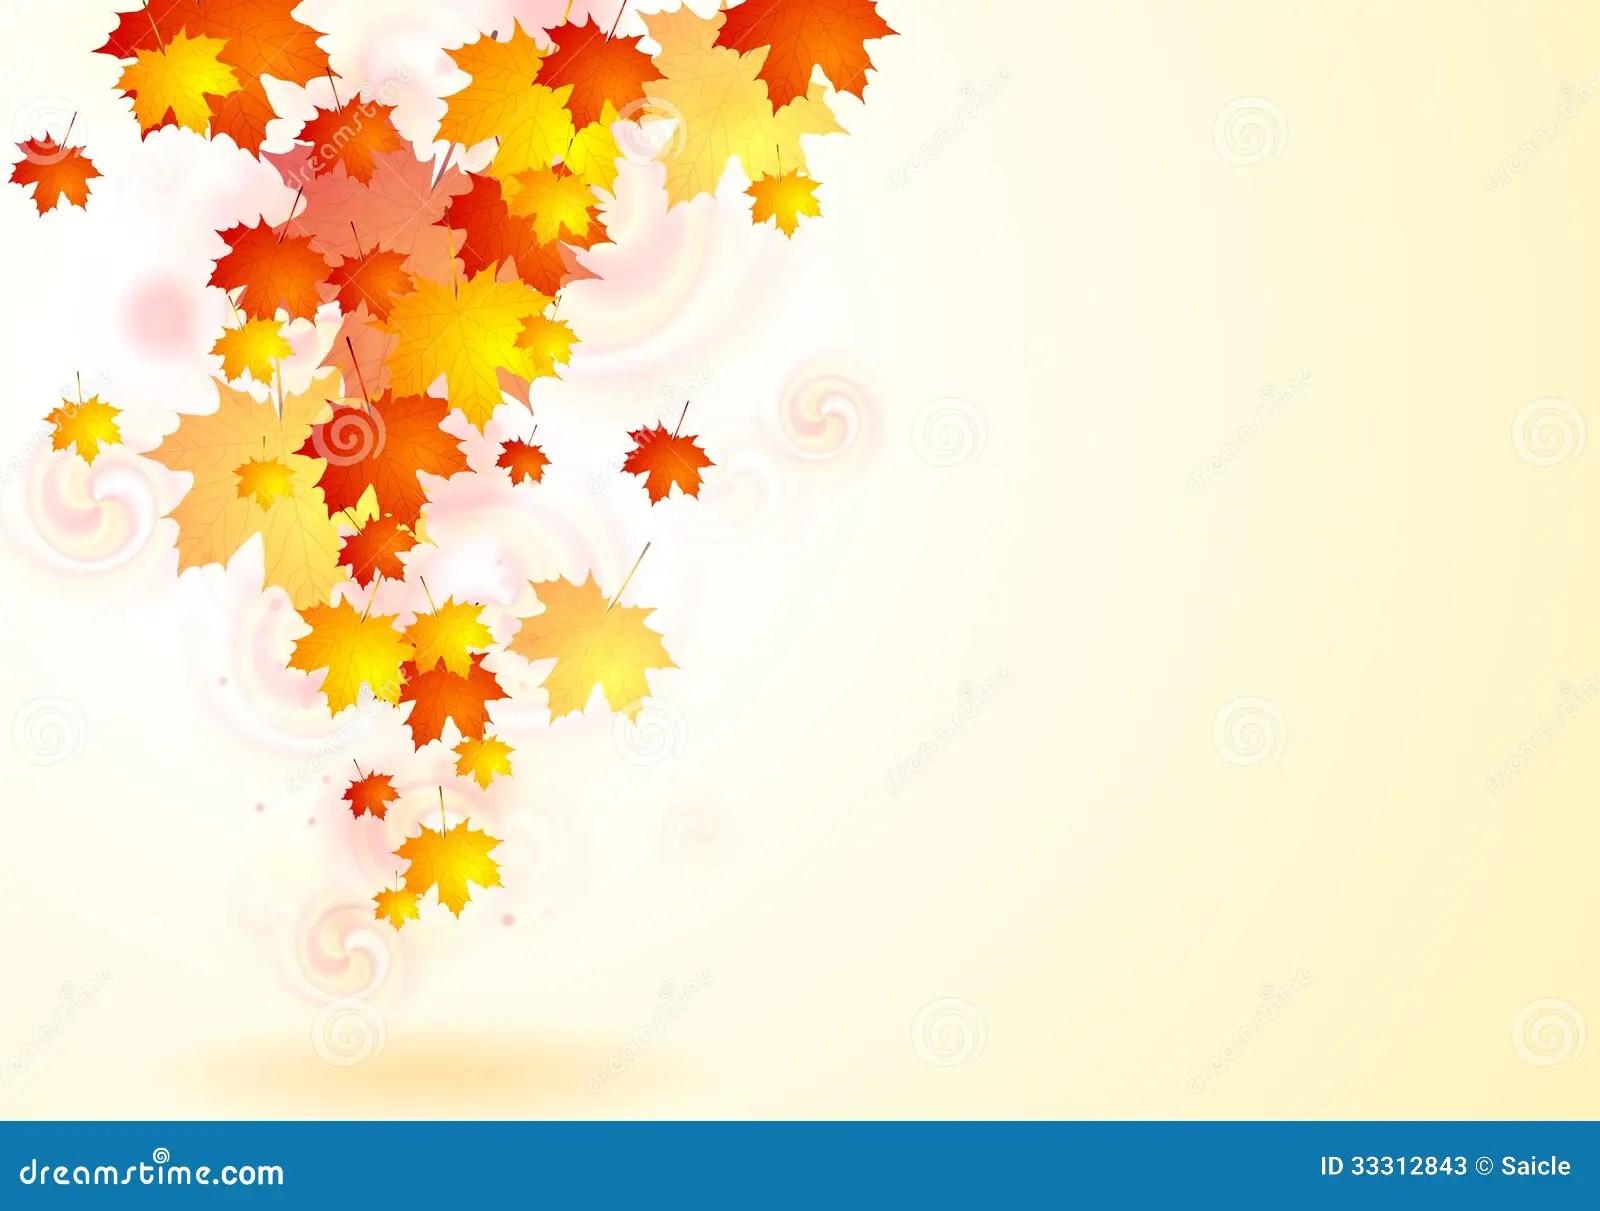 Falling Maple Leaves Wallpaper Elegant Vector Autumn Background Stock Vector